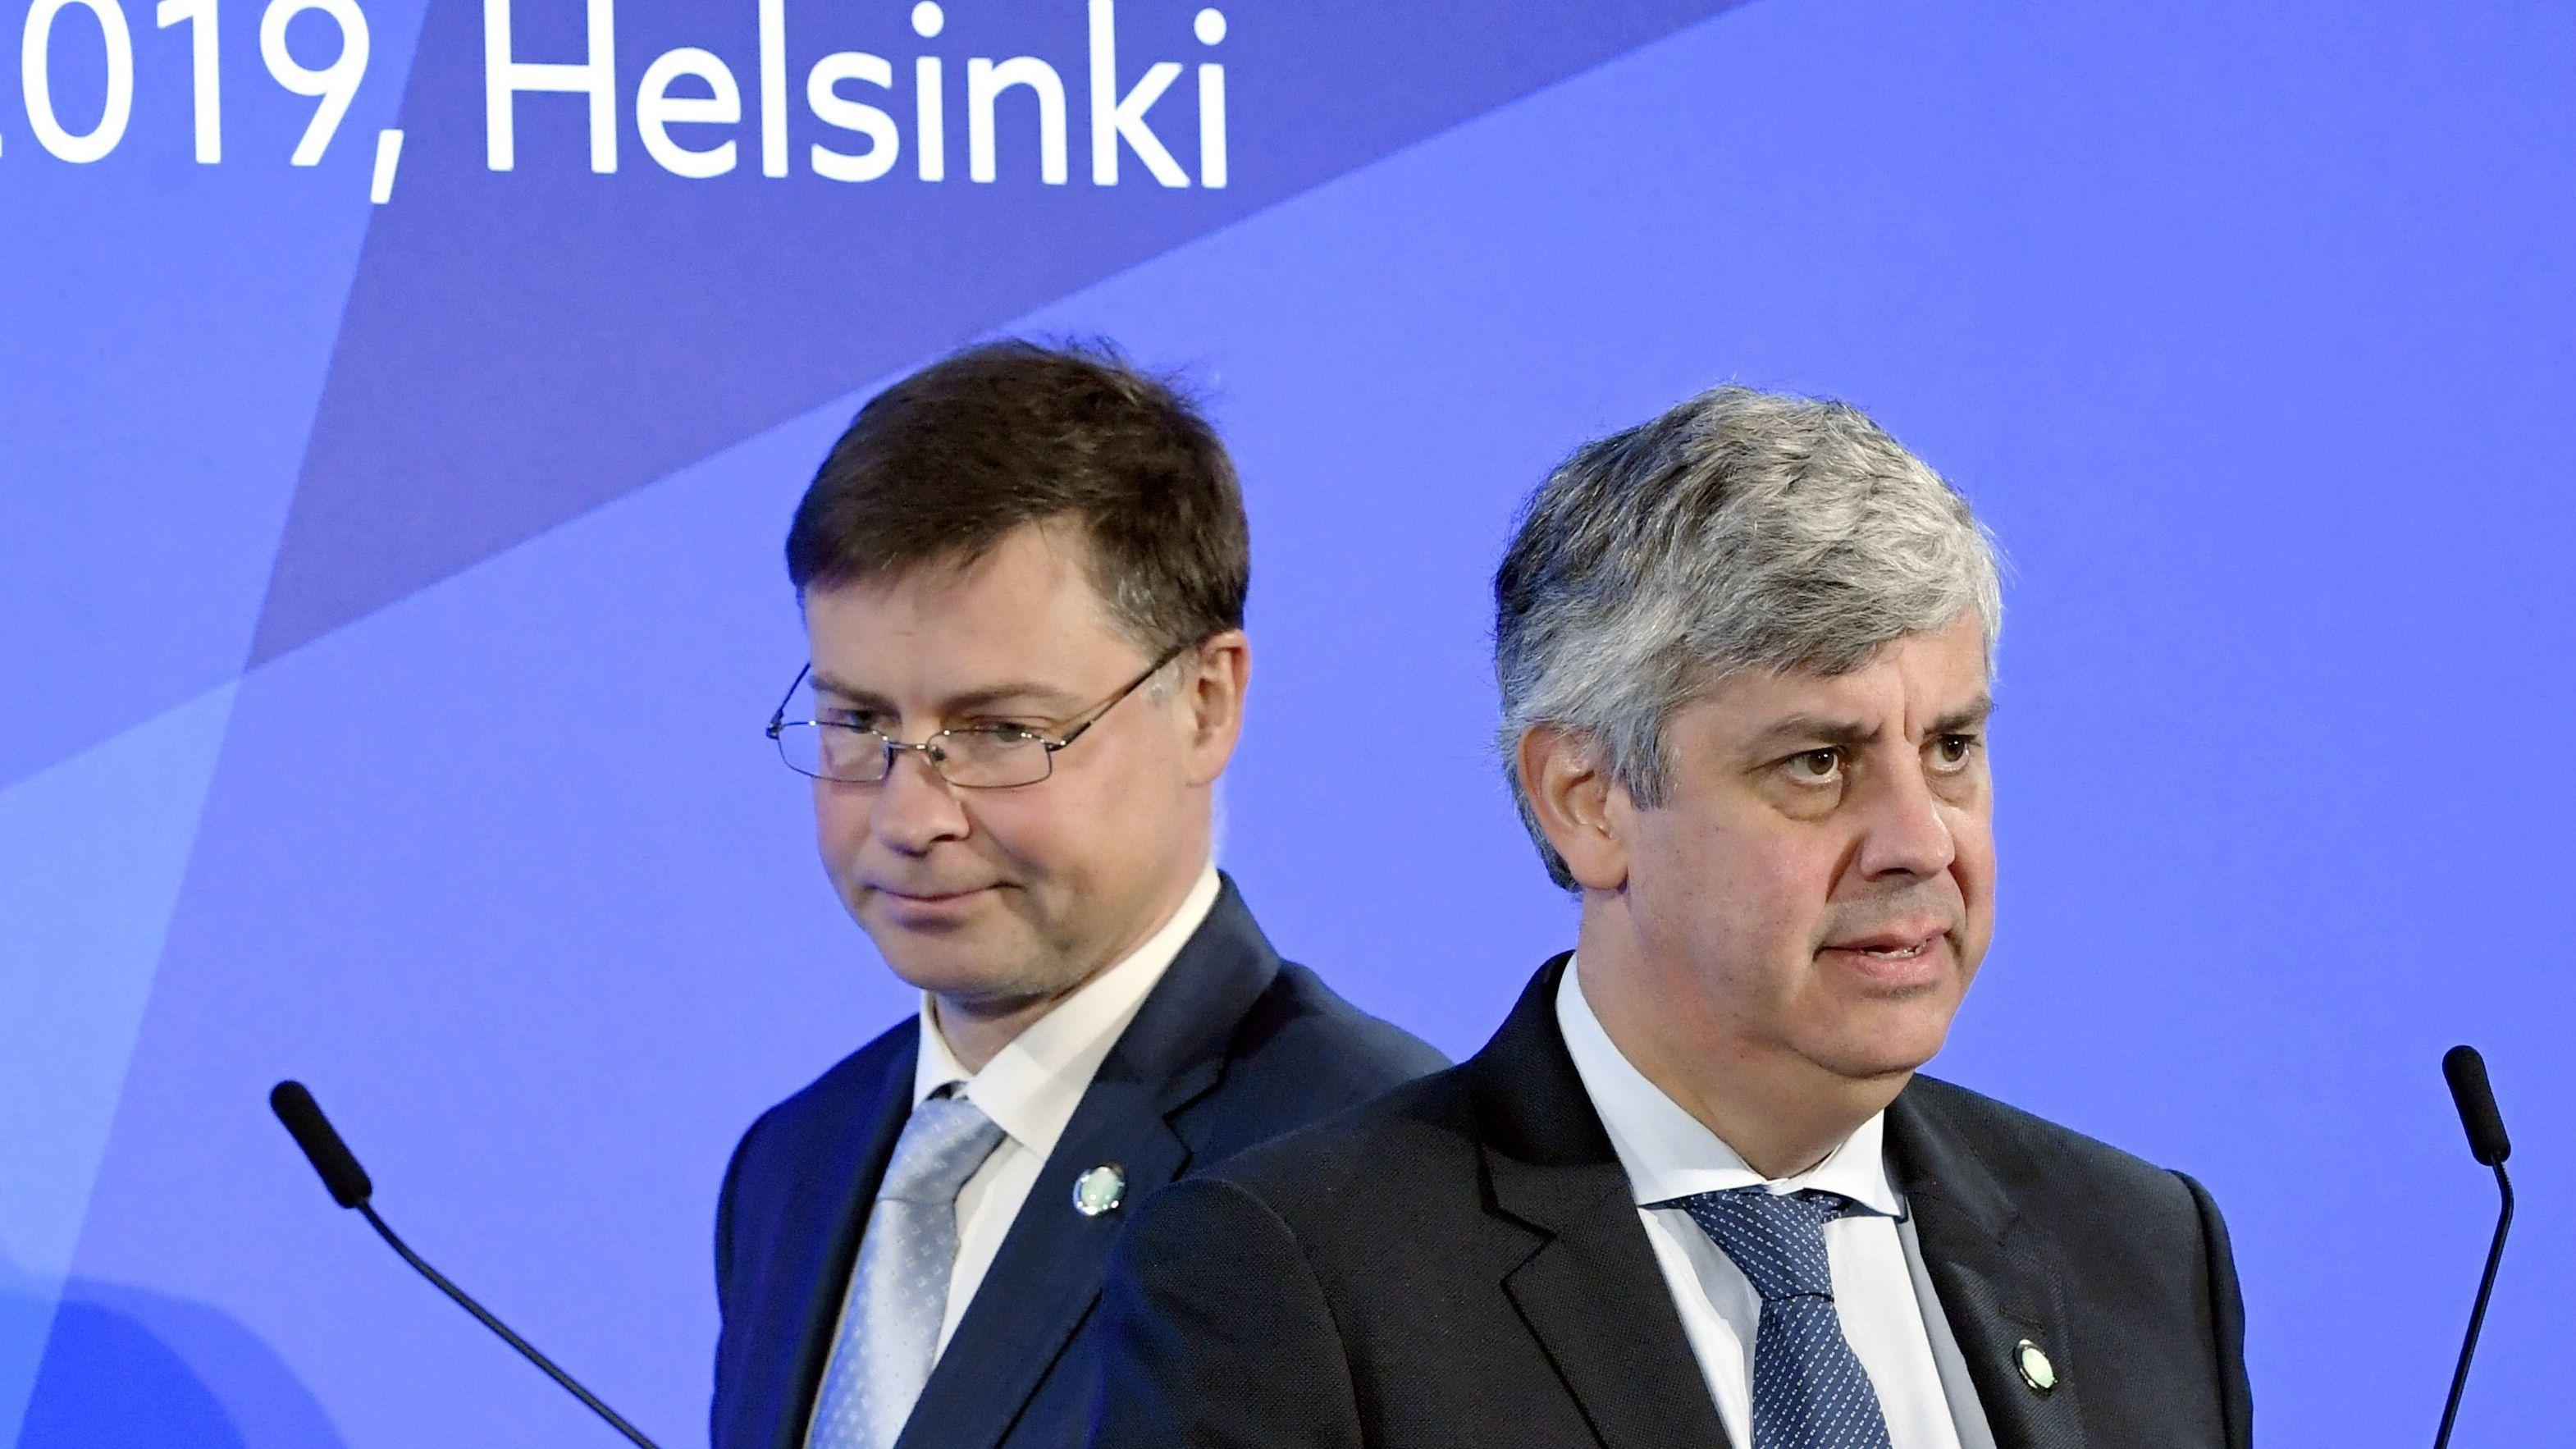 Der lettische EU-Kommissar Valdis Dombrovskis (links) und der Vorsitzende der Euro-Gruppe Mario Centeno (rechts)